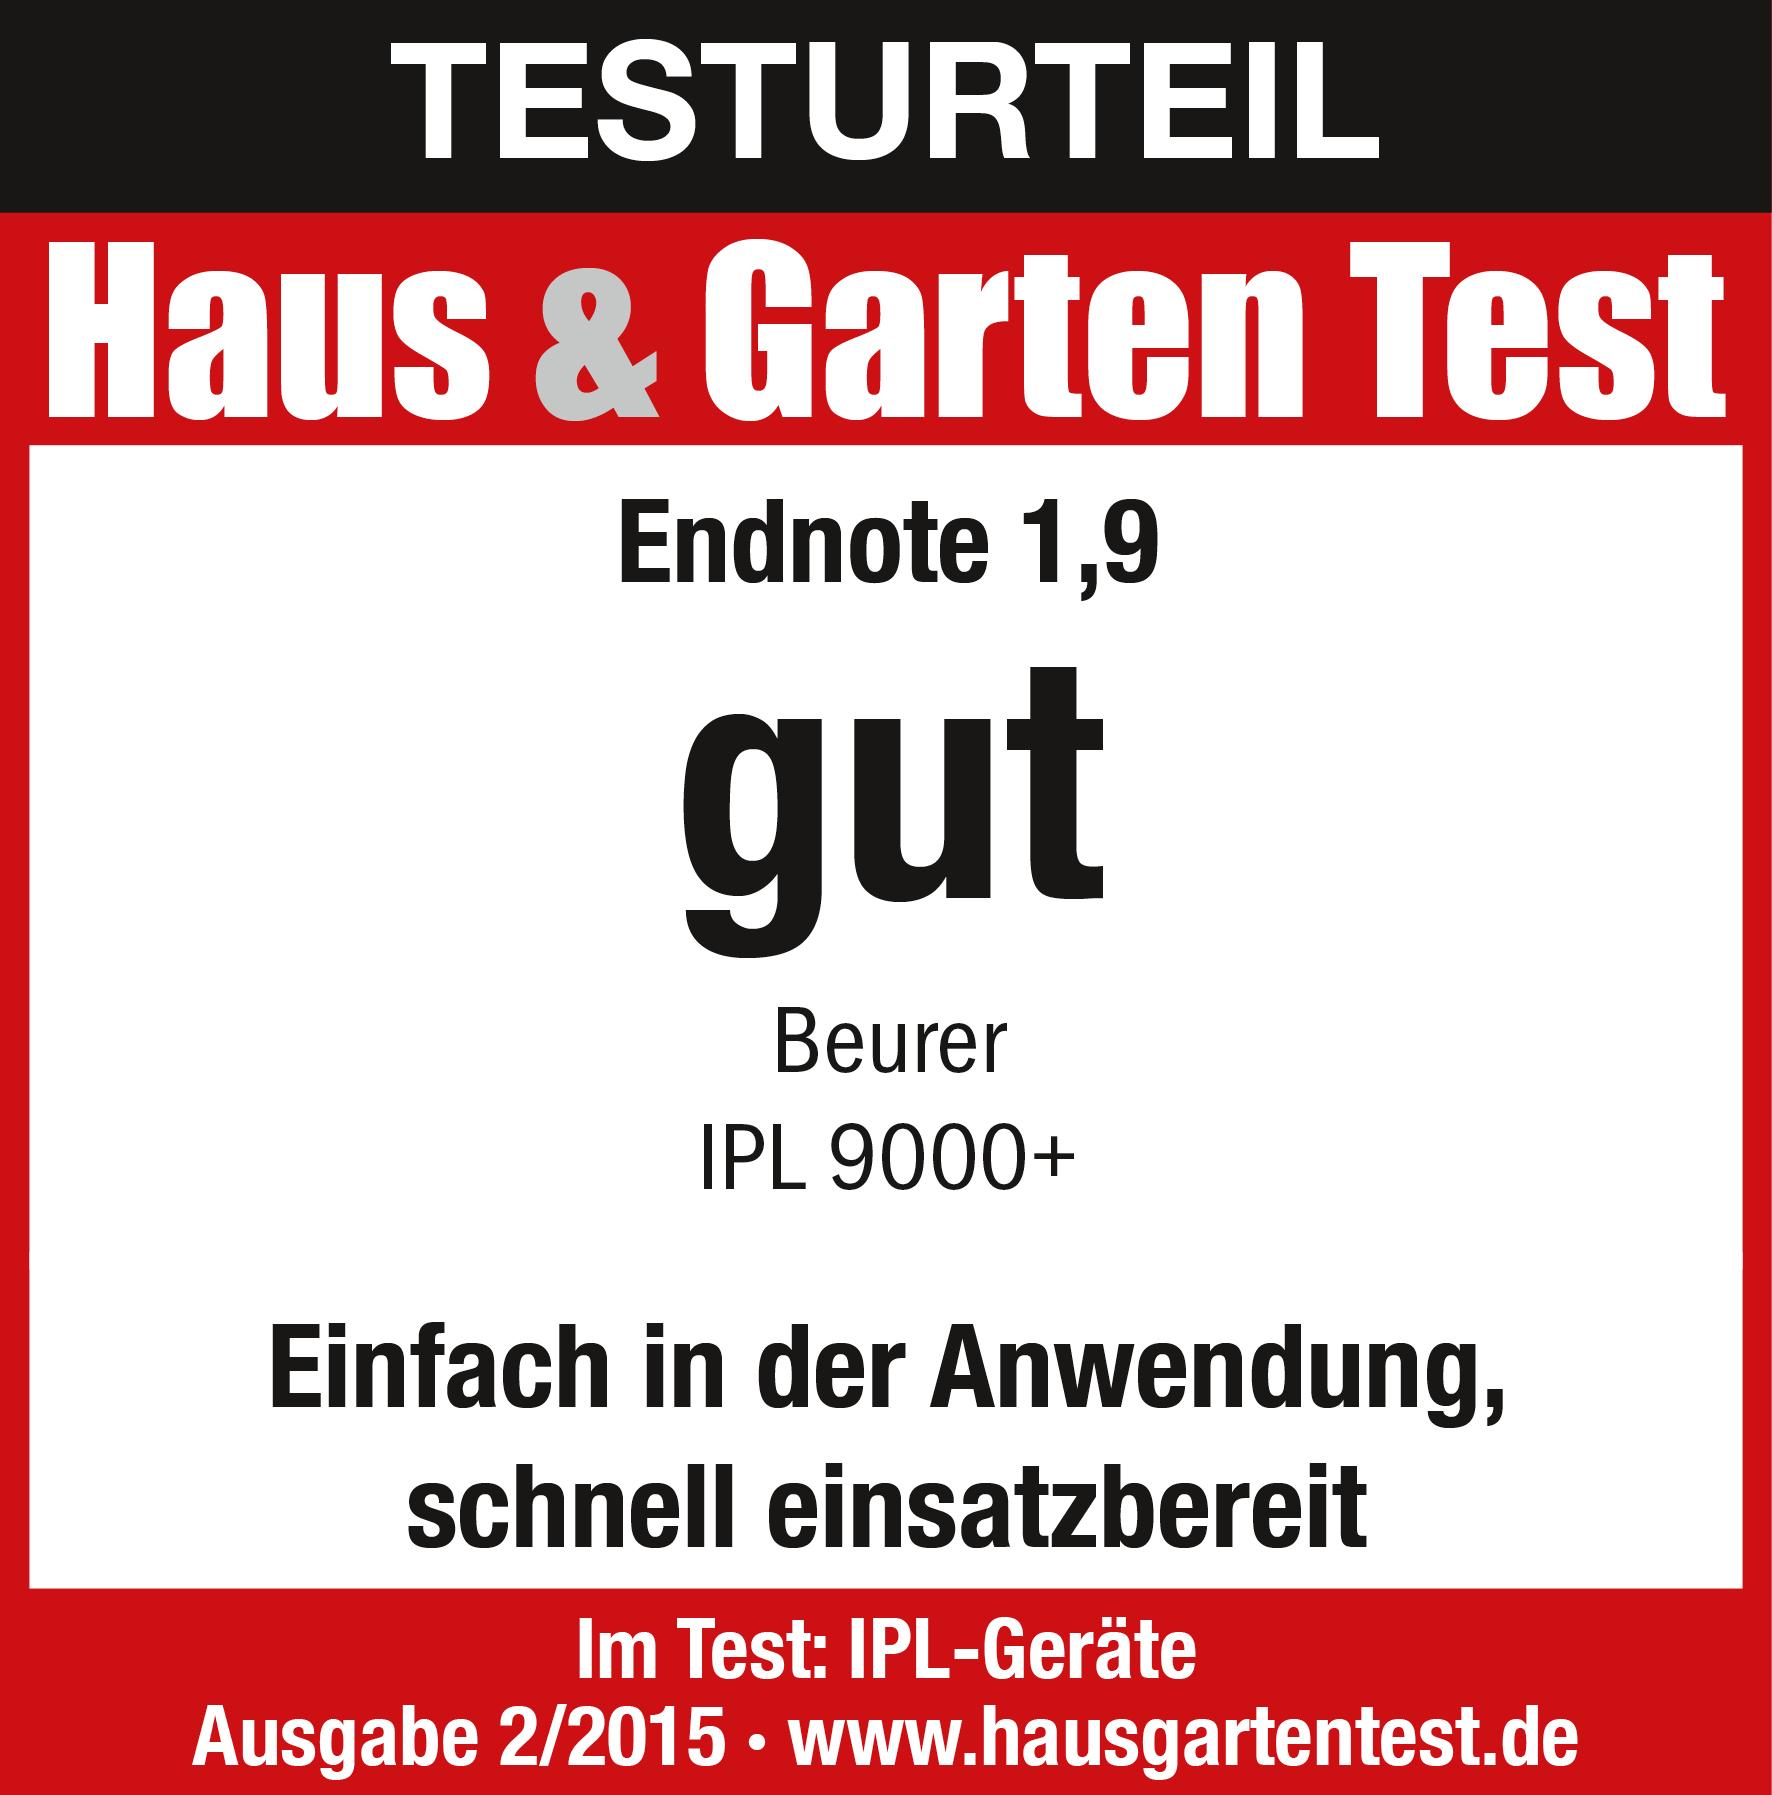 https://www.beurer-shop.de/media/images/attributevalueimages/ipl9000-_haus-garten_gut_0215.png